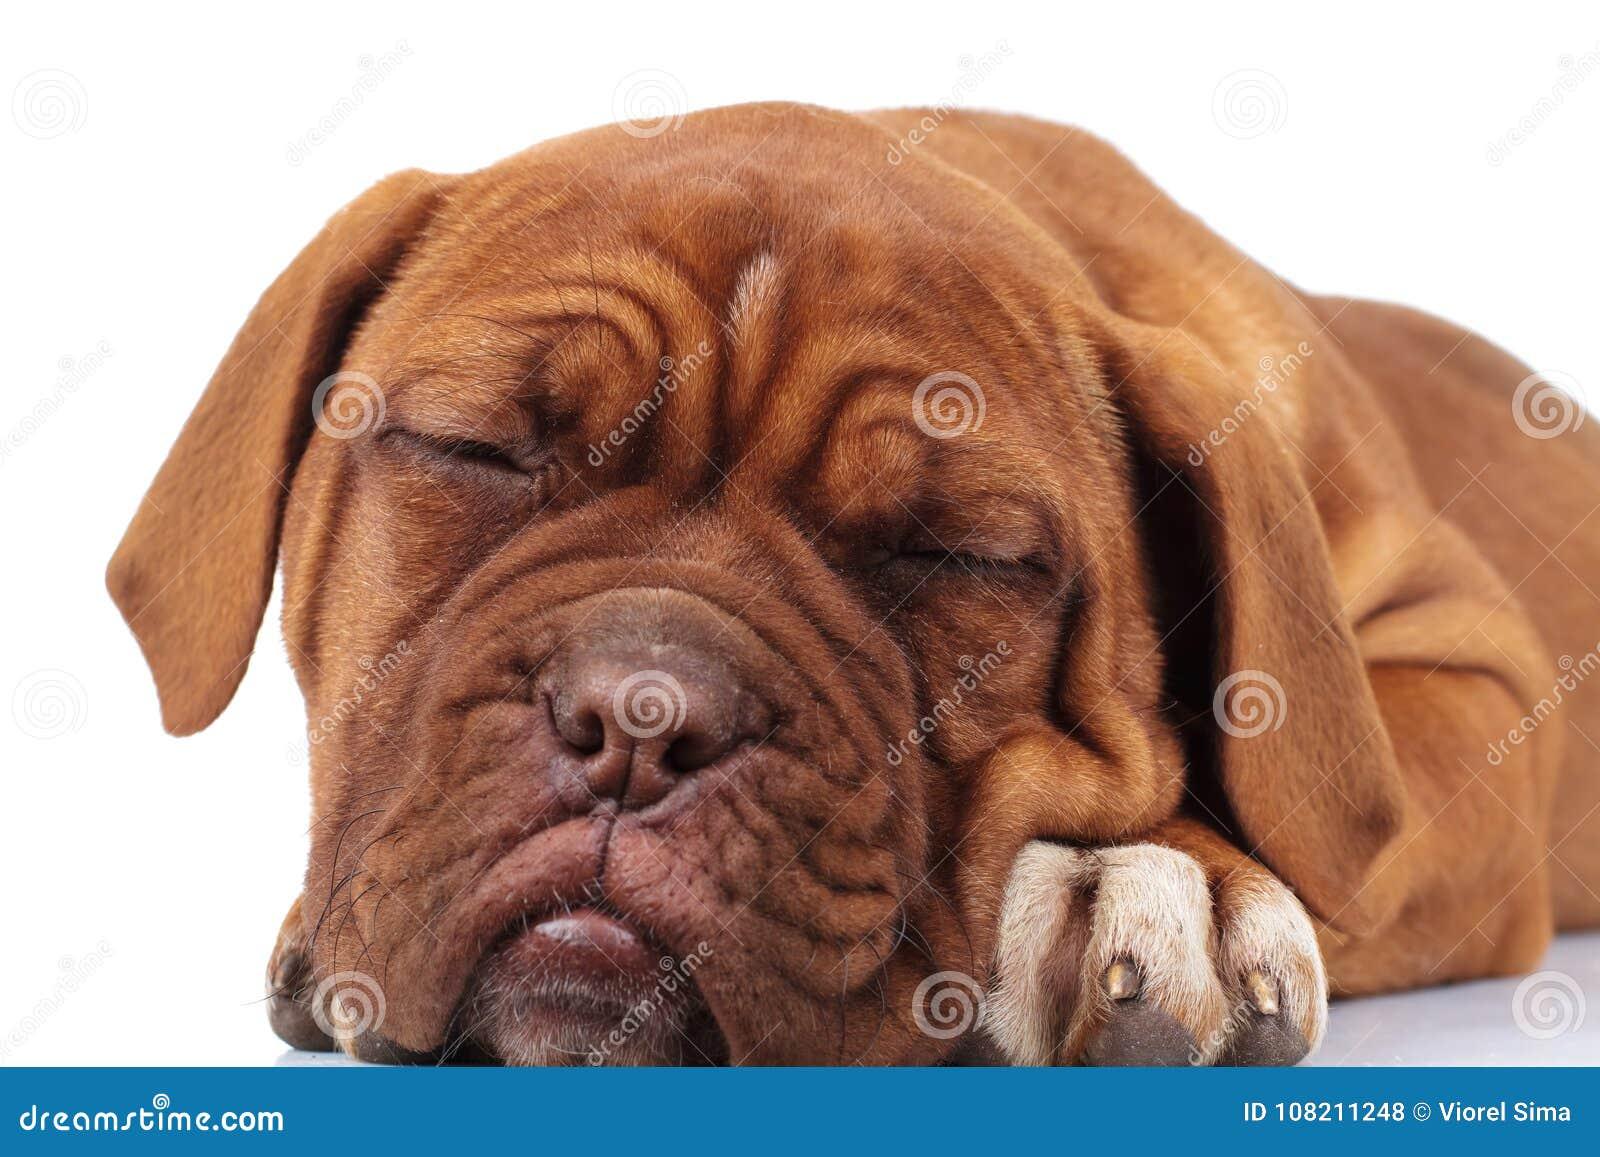 O cachorrinho adorável de dogue de Bordéus está dormindo